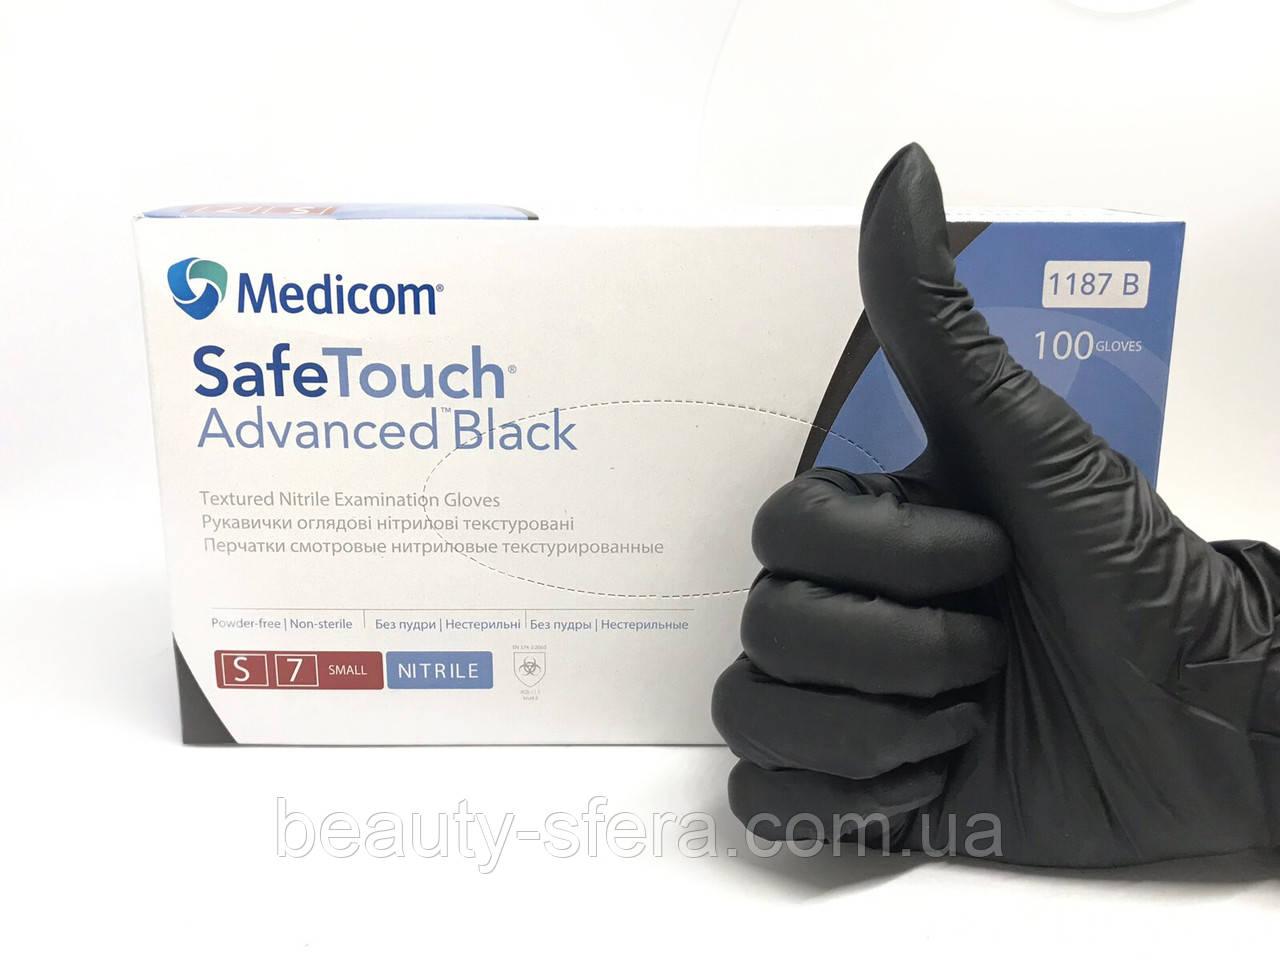 """Перчатки Medicom нитриловые """"SafeTouch Black"""" (S)"""